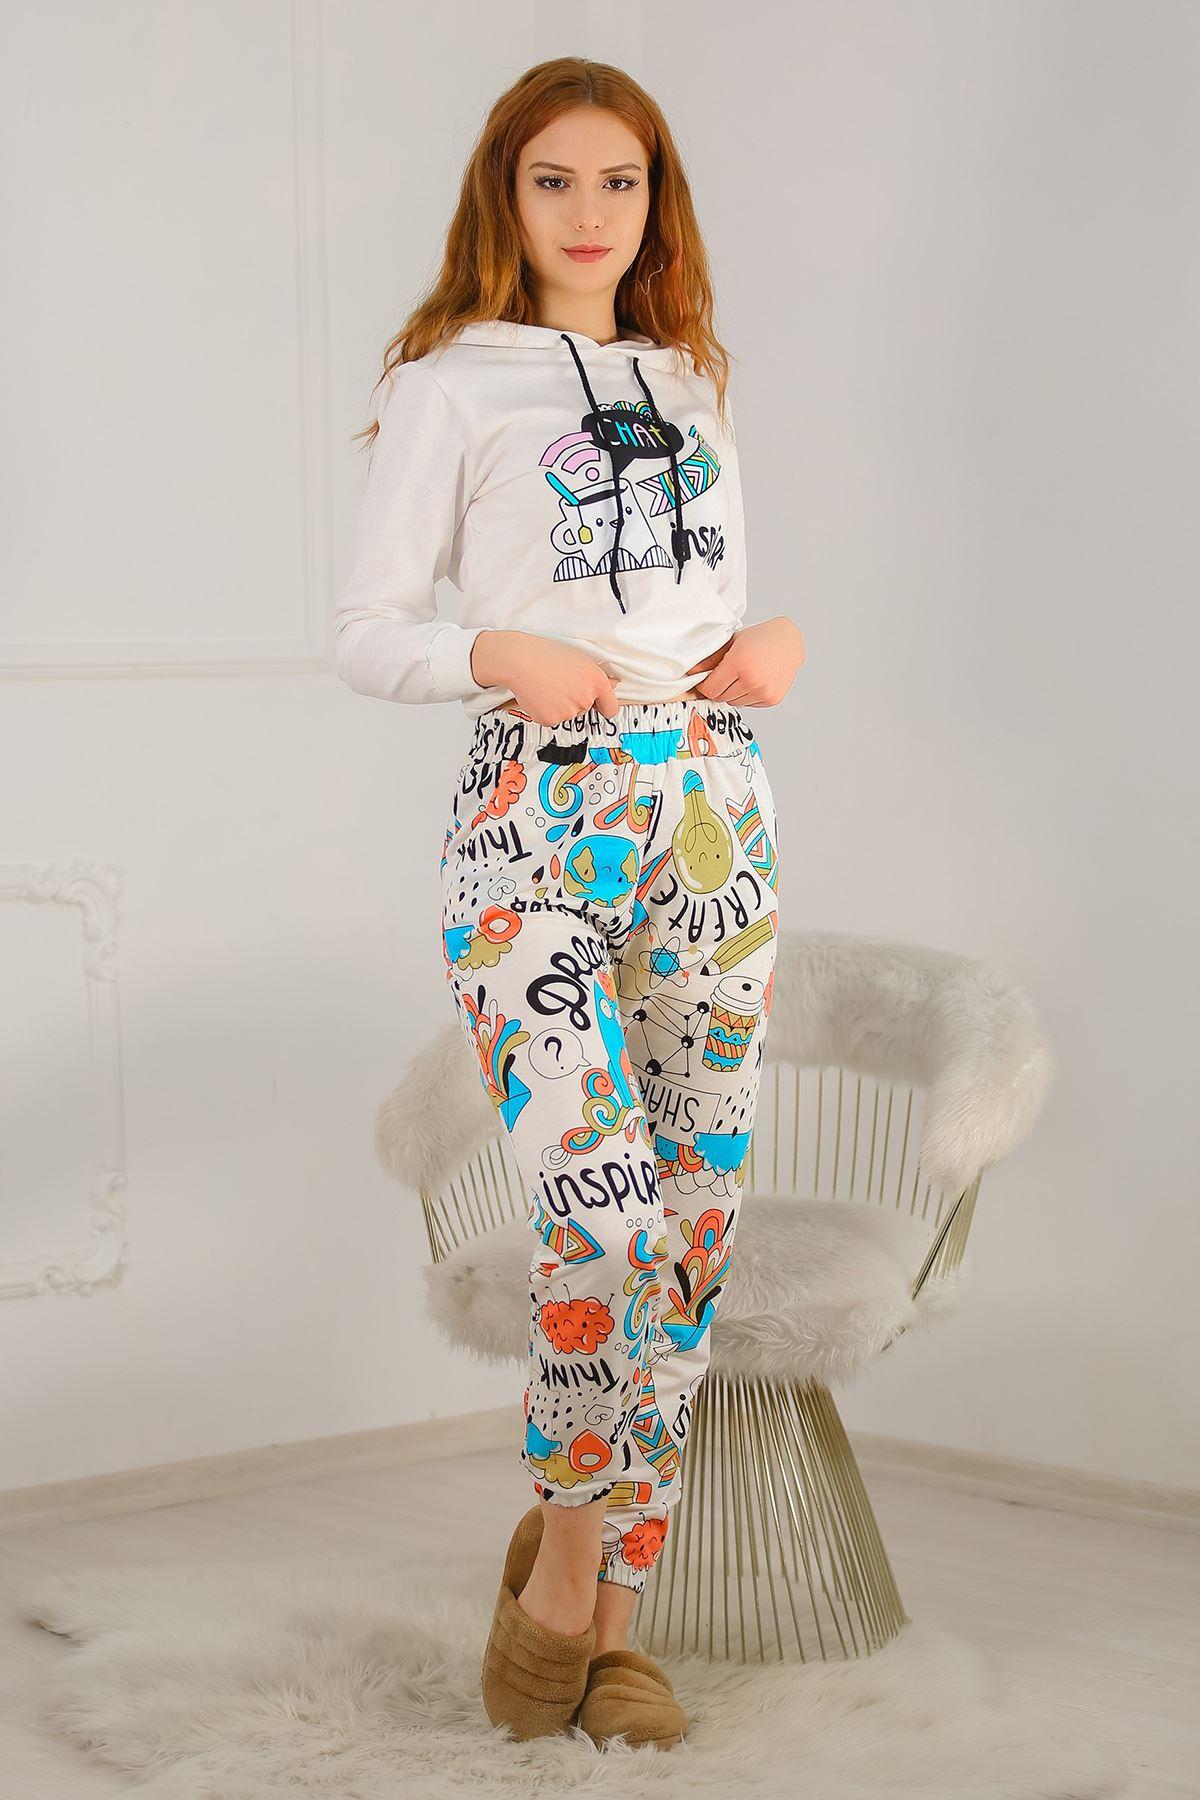 Kapşonlu Pijama Takımı Beyaz - 4664.1059.